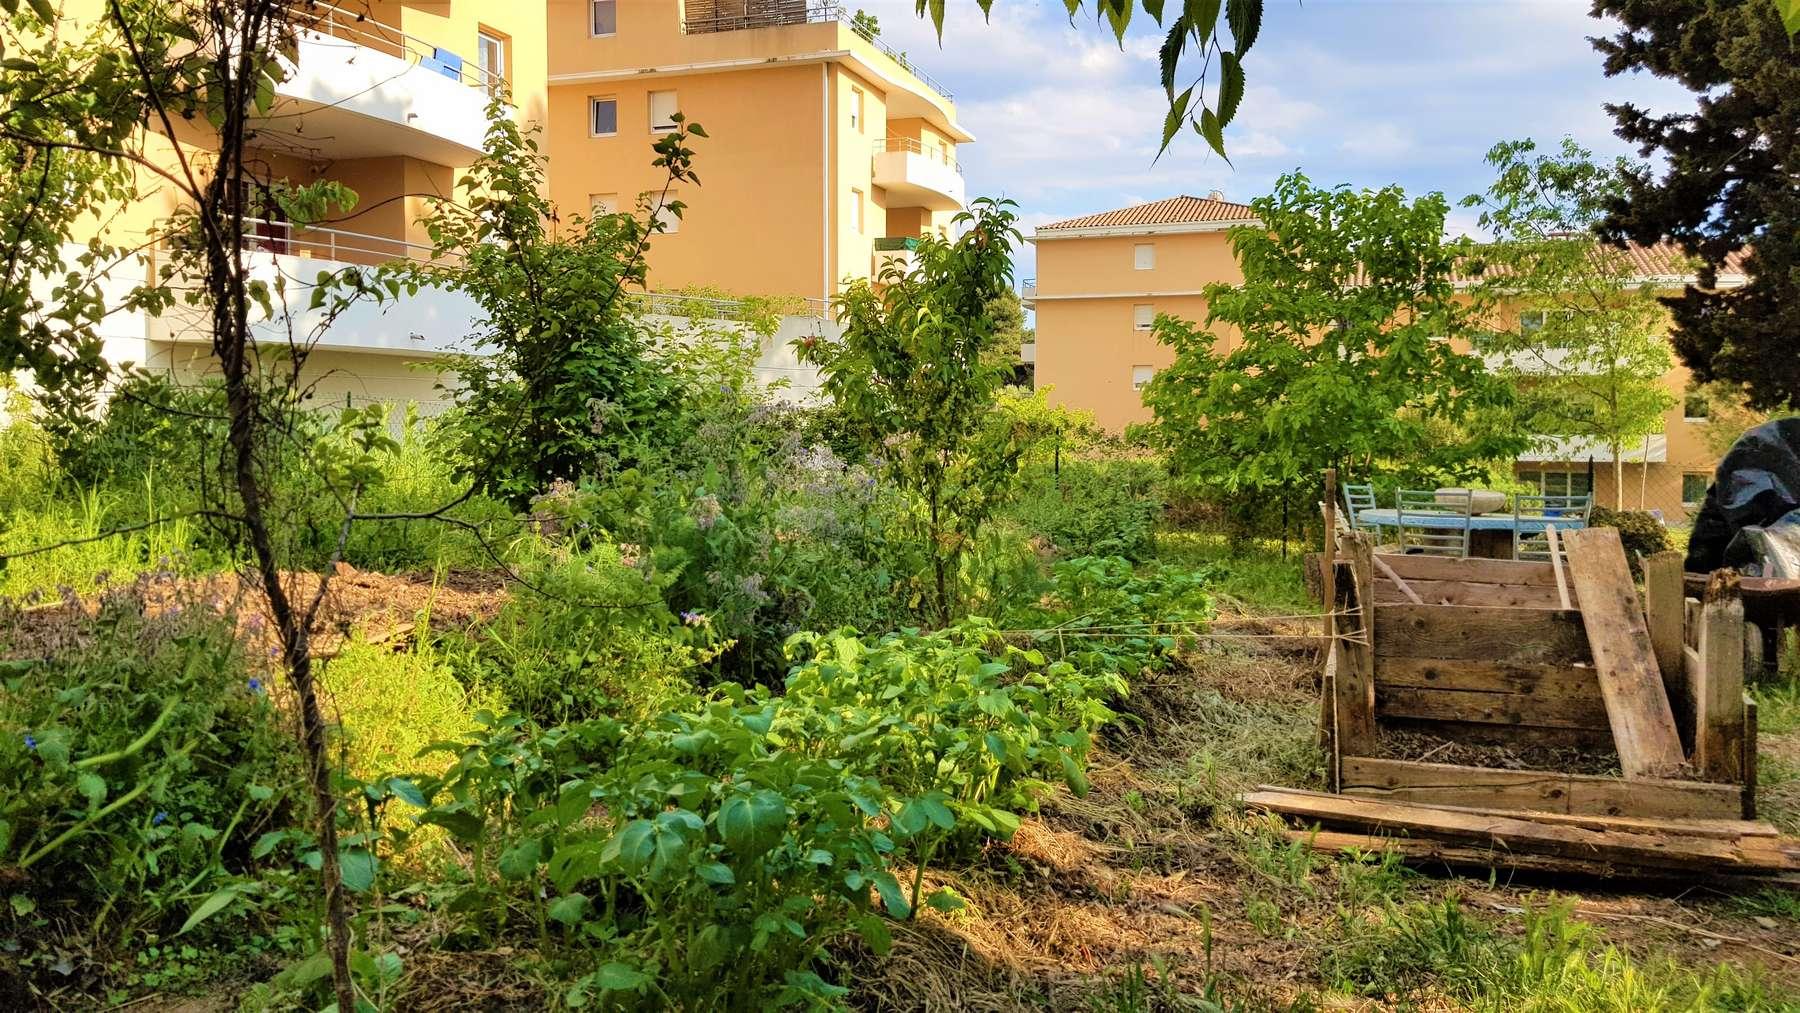 vue large du jardin de villamont, avec de nombreux arbres surplombant les cultures